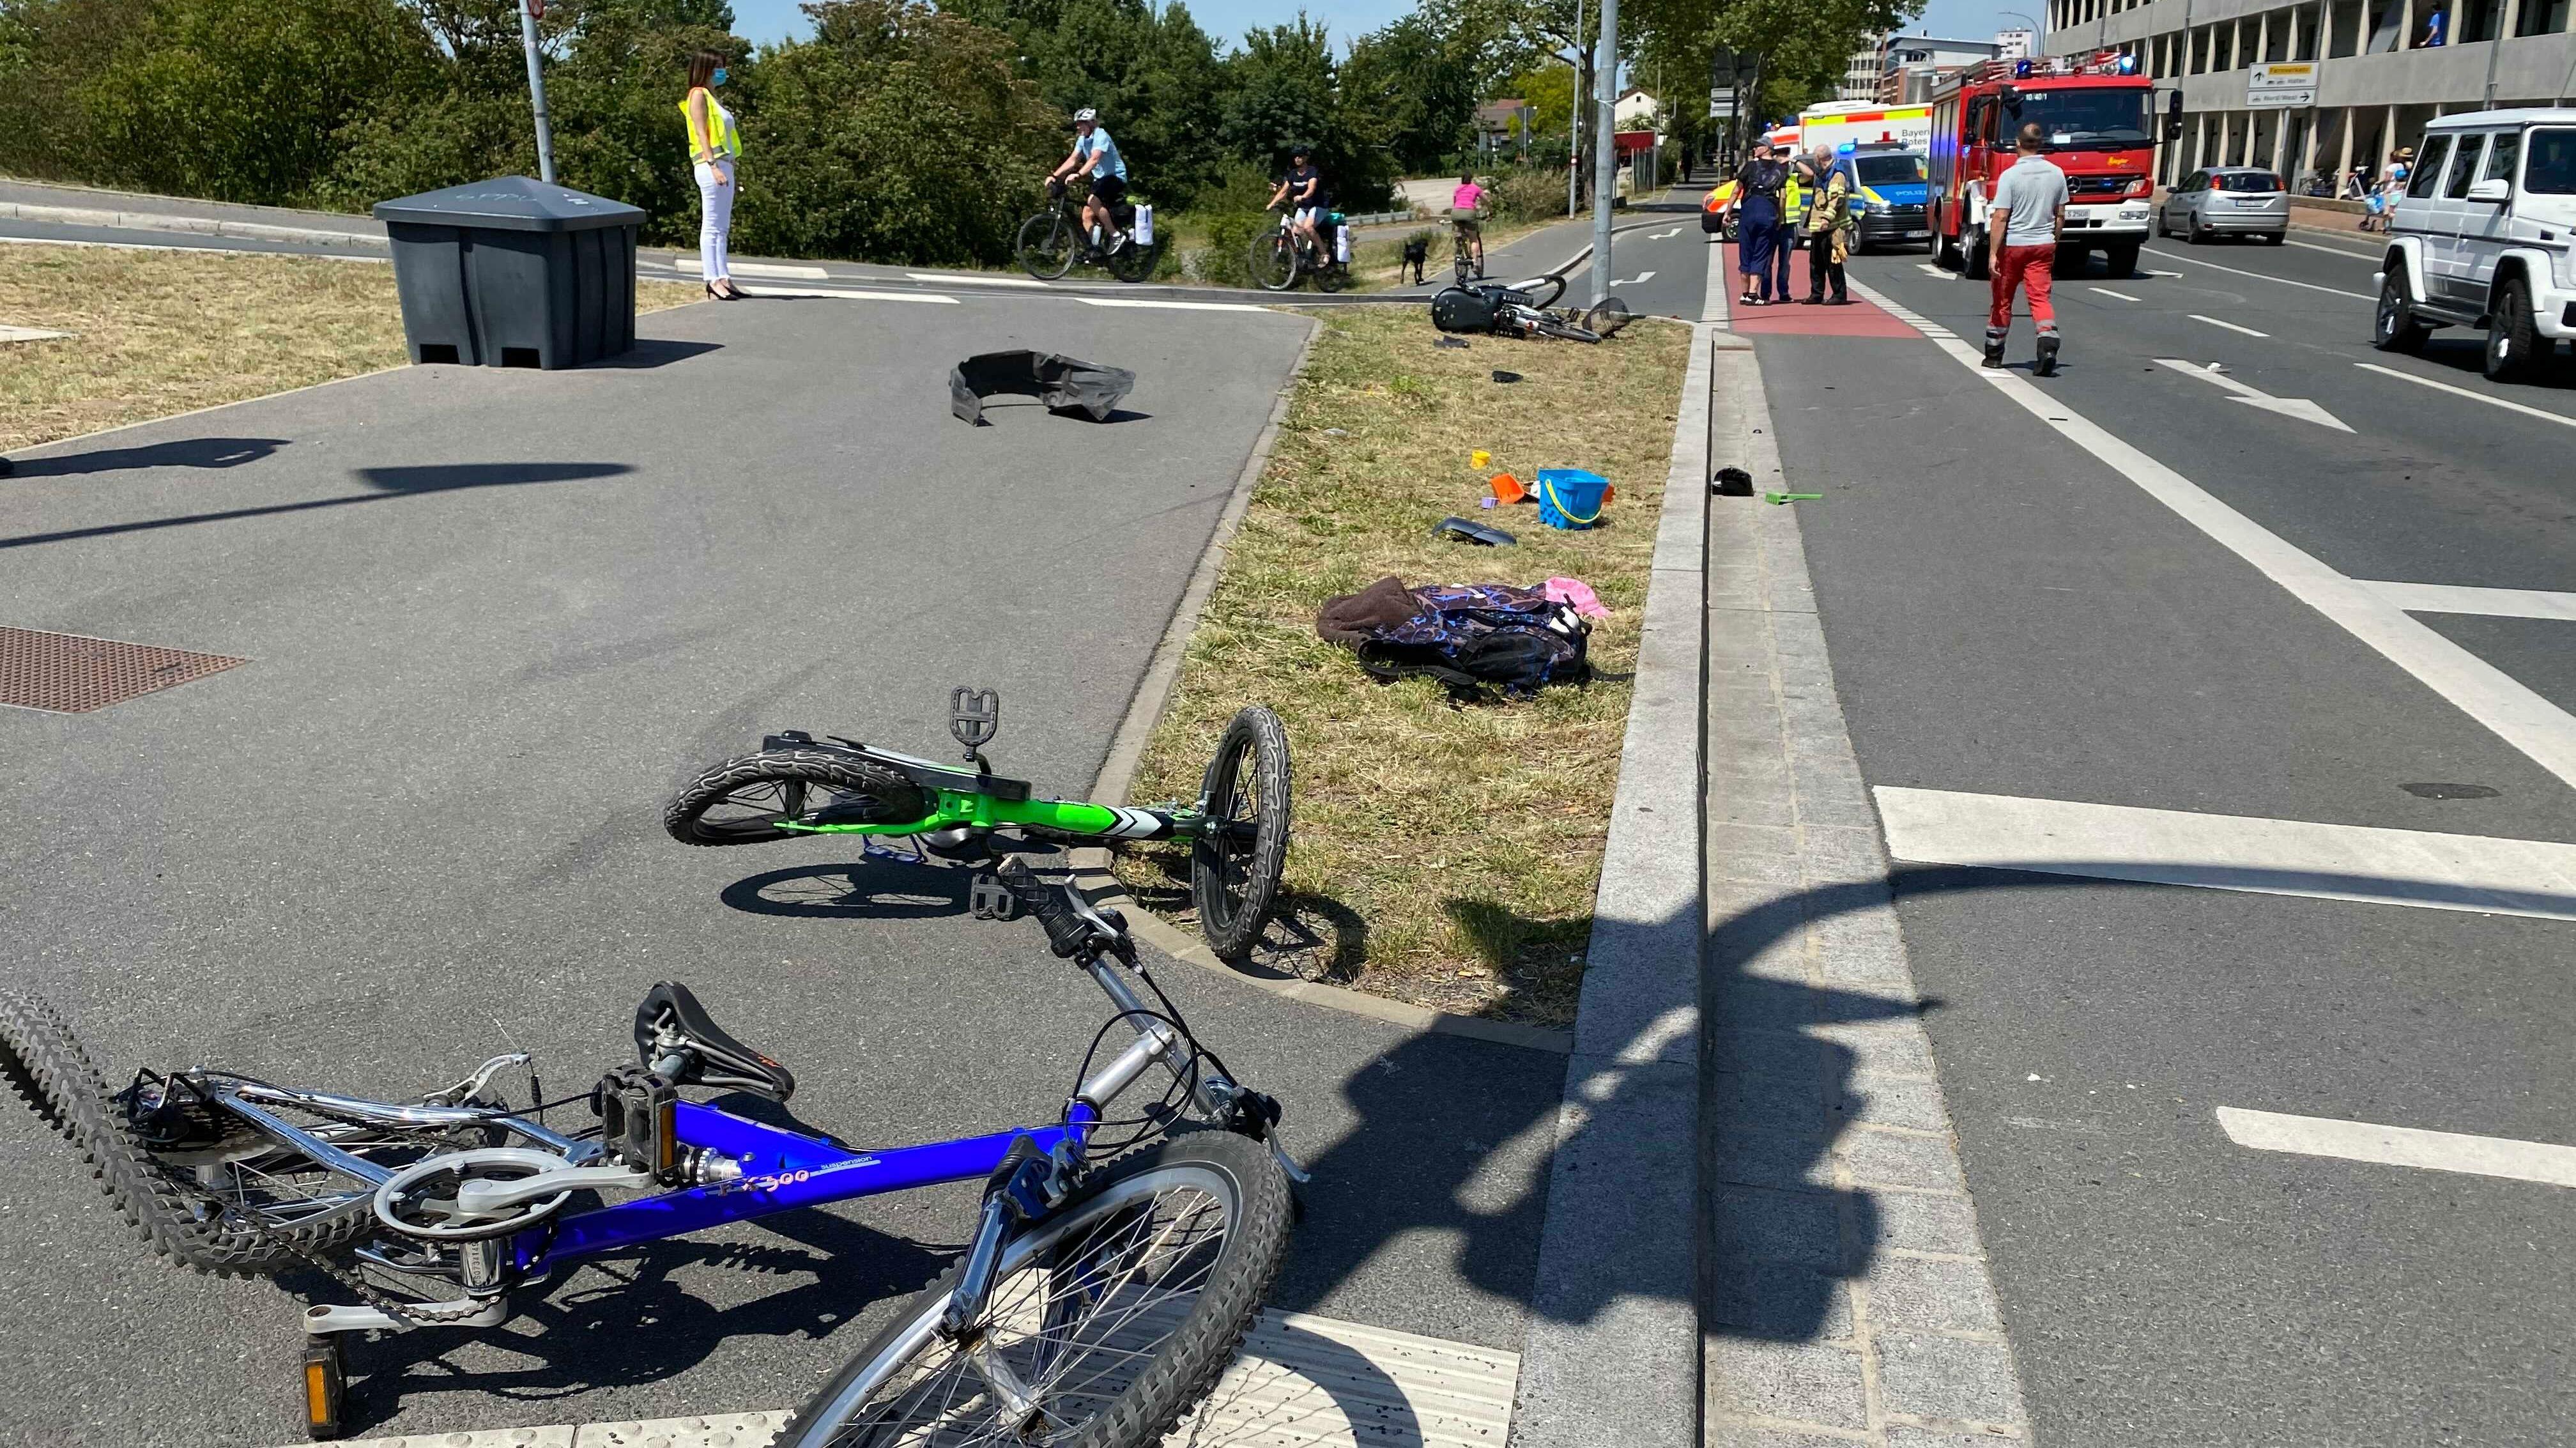 Zwei Fahrräder liegen an der Unfallstelle, dahinter steht ein Feuerwehrauto und ein Krankenwagen.